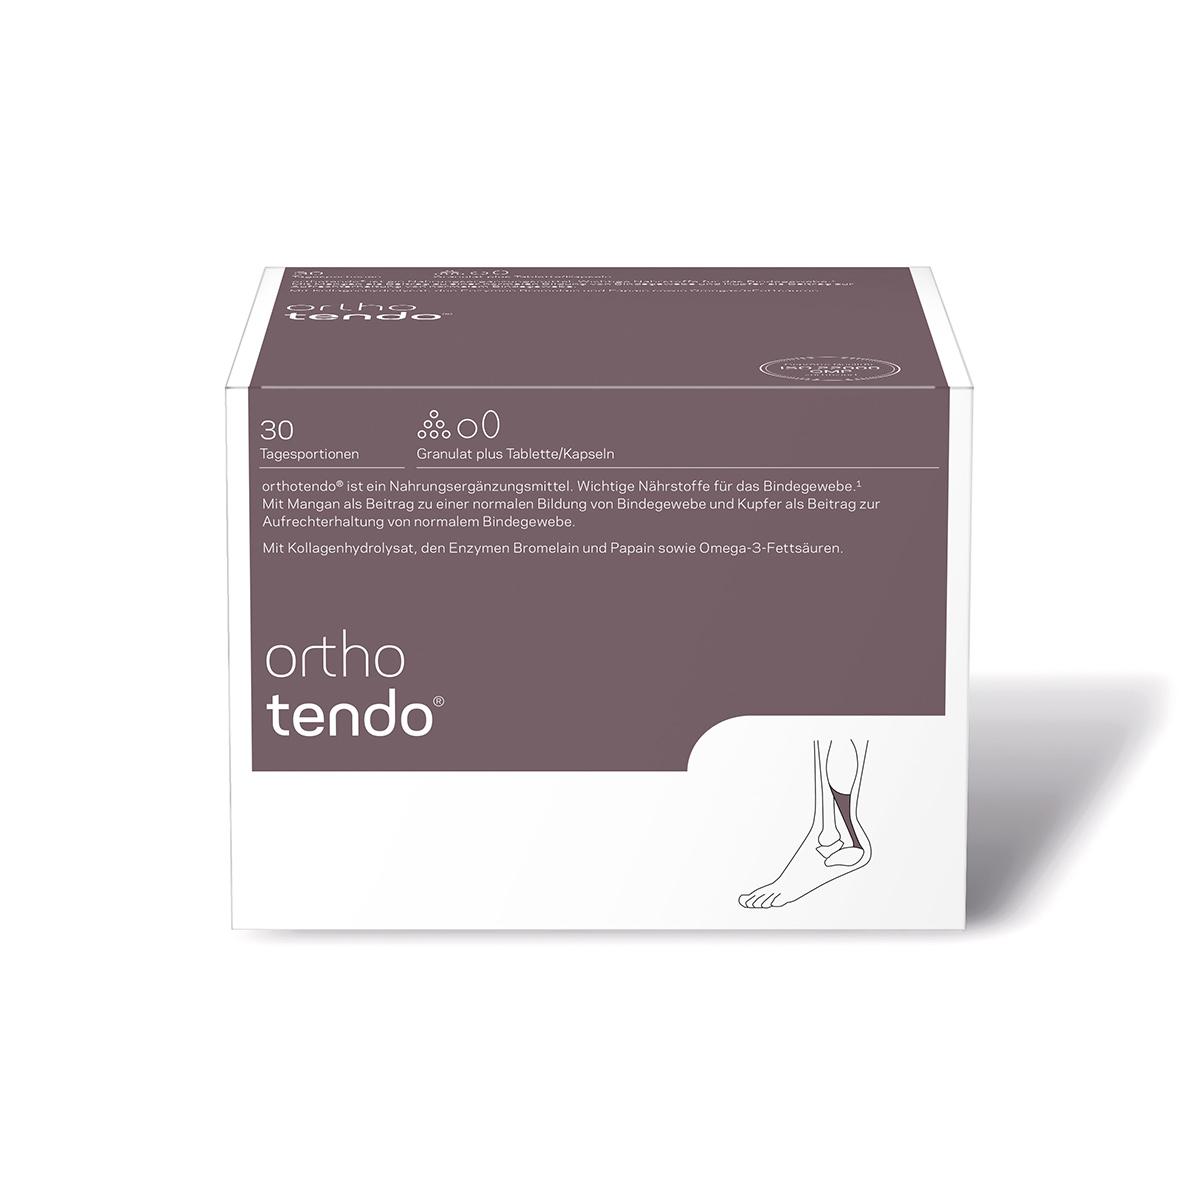 orthomed orthotendo® Granulat plus Tabletten/Kapseln 30er